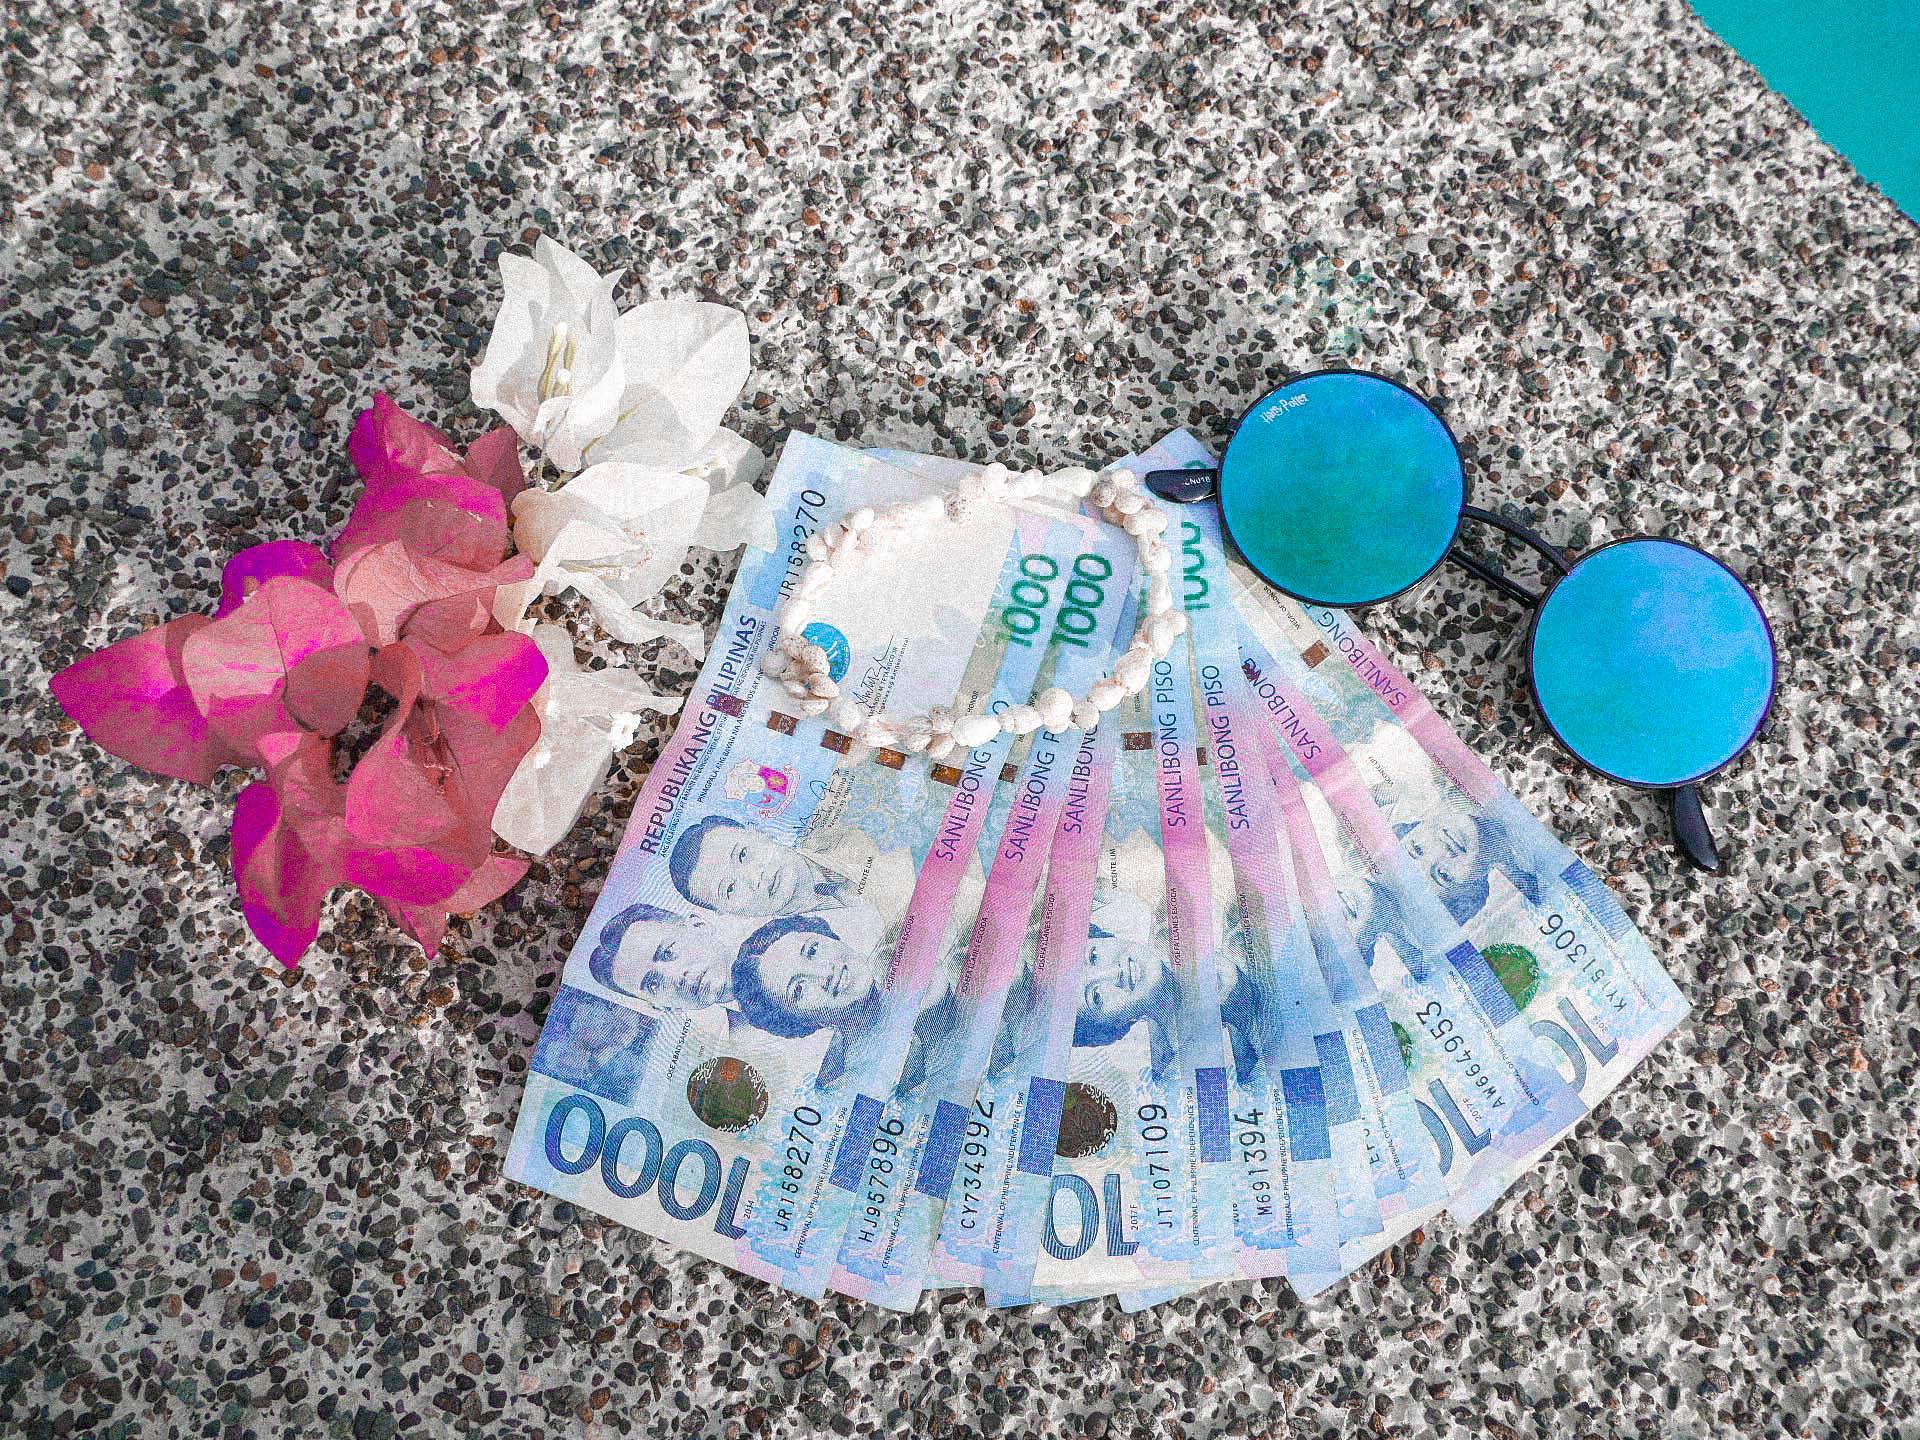 ceny na filipinach